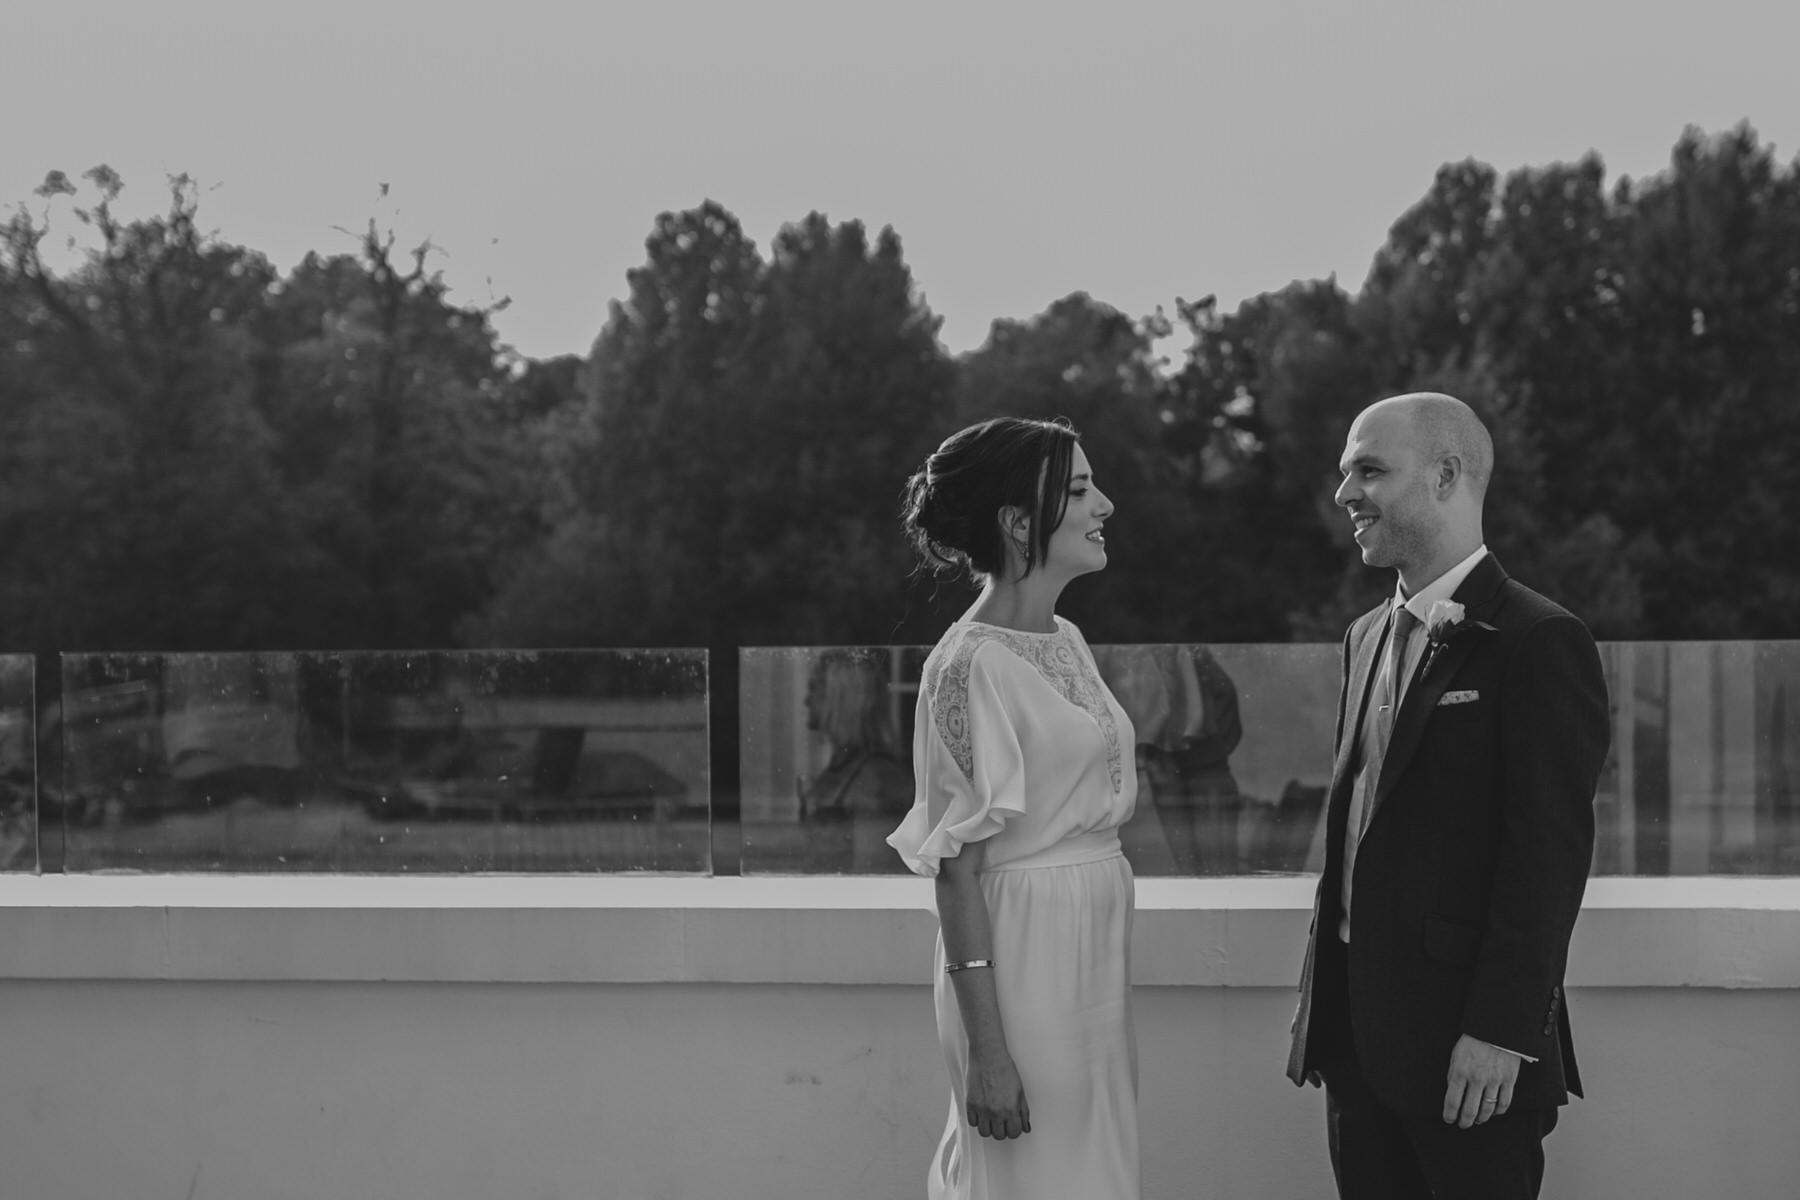 307-Belair House bride groom sunset drinks balcony.jpg